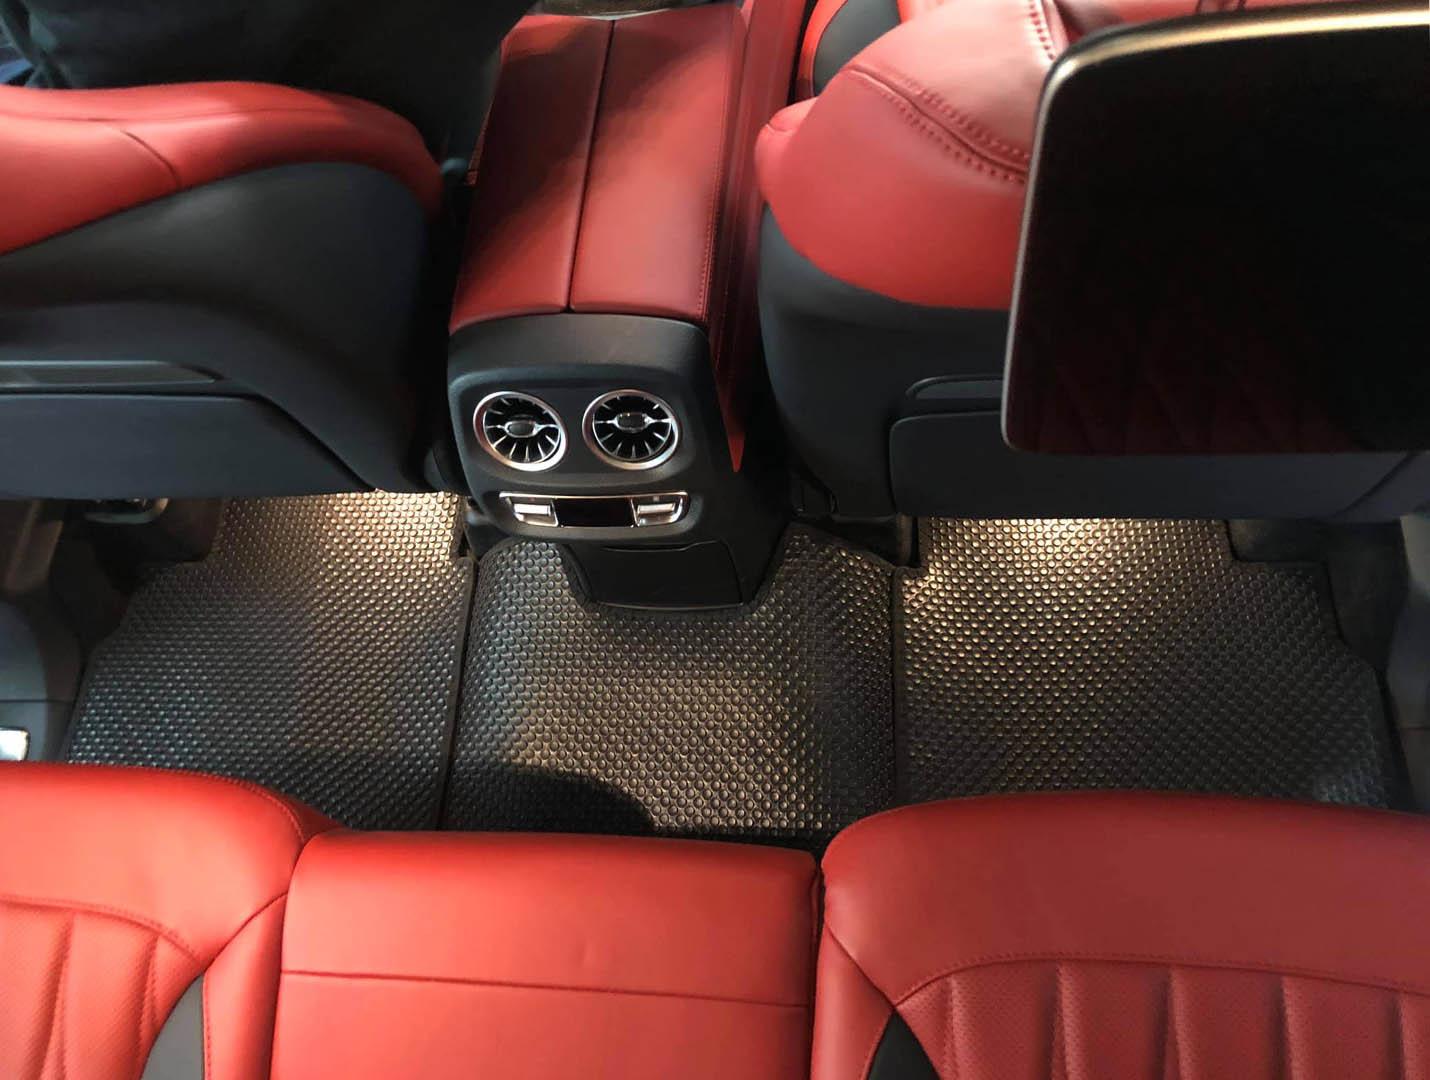 Thảm lót sàn Mercedes-AMG G63